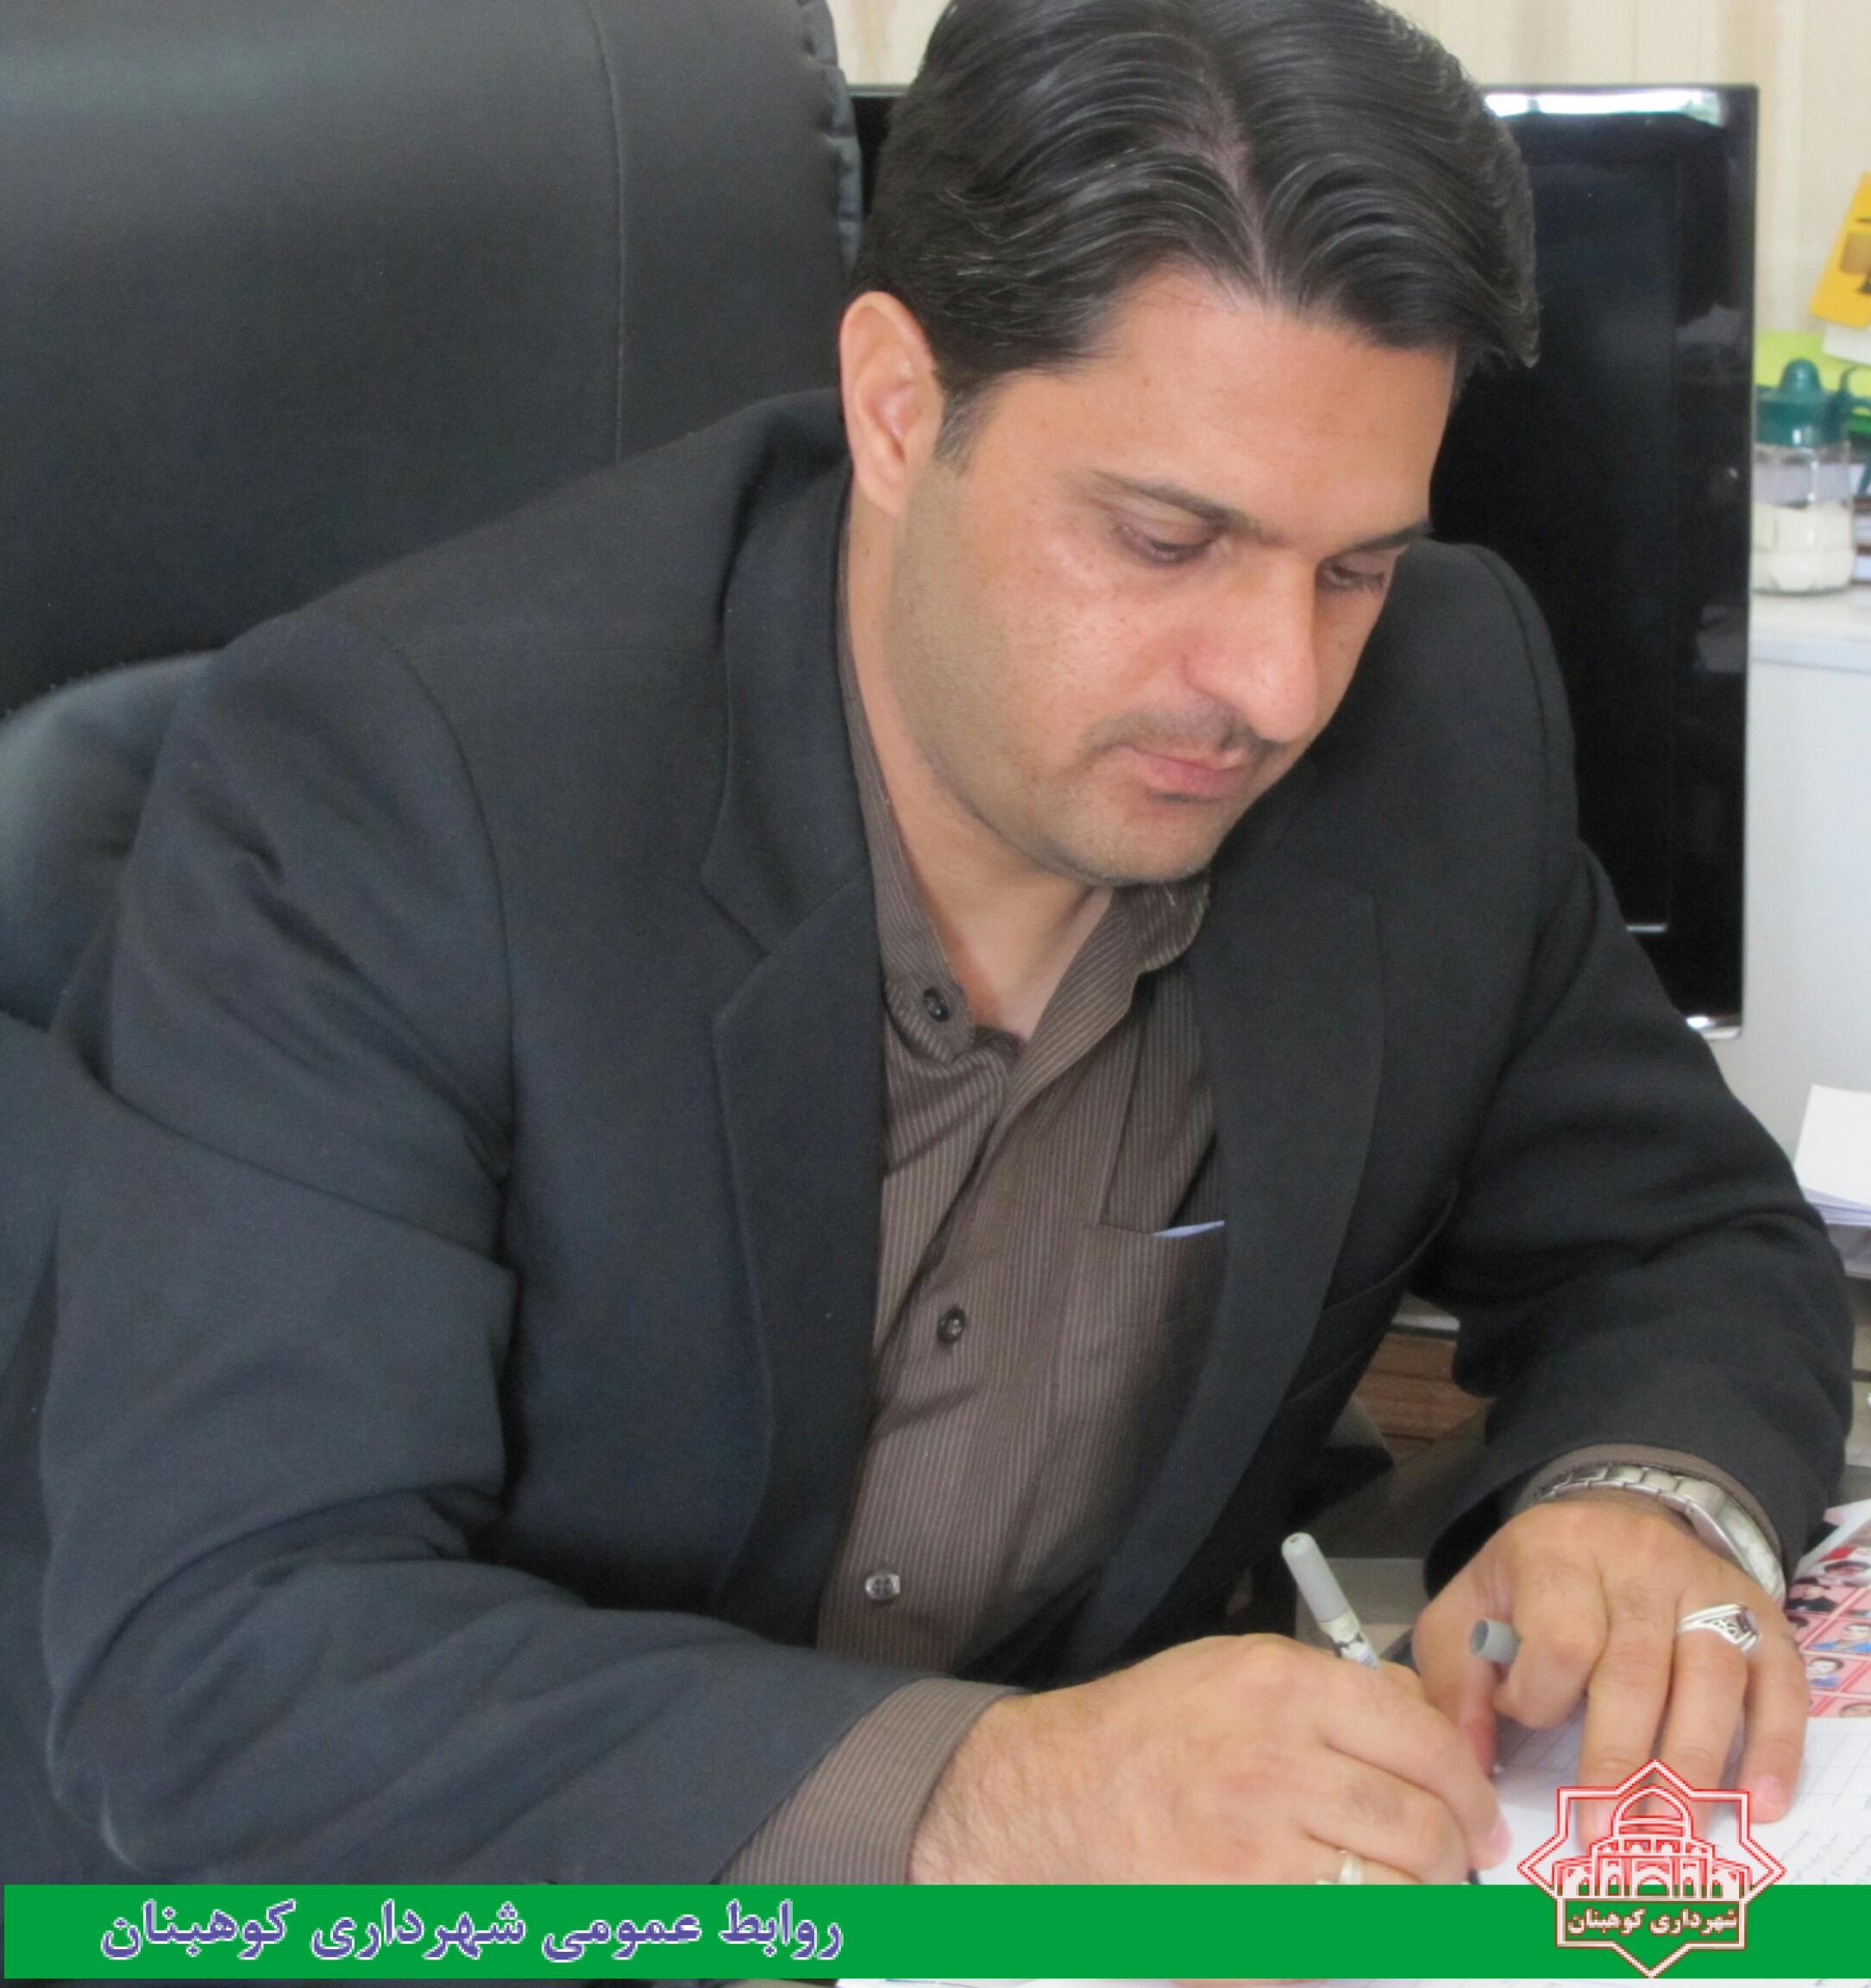 پیام شهردار کوهبنان در محکومیت اقدام خصمانه امریکا علیه سپاه پاسداران انقلاب اسلامی ایران